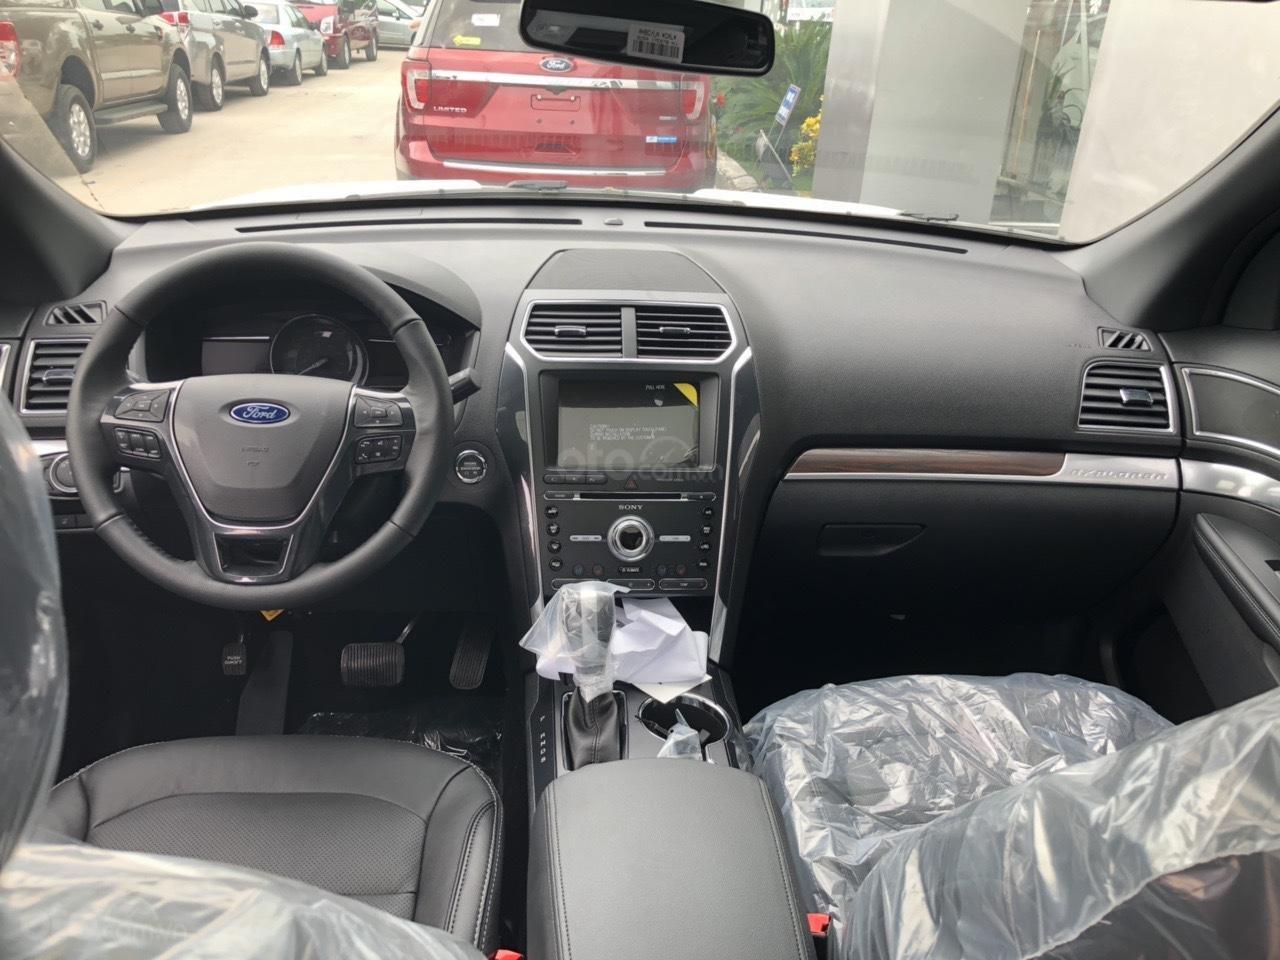 Ford Explorer 2.3L nhập Mỹ, giá cả cạnh tranh, quà tặng hấp dẫn (6)